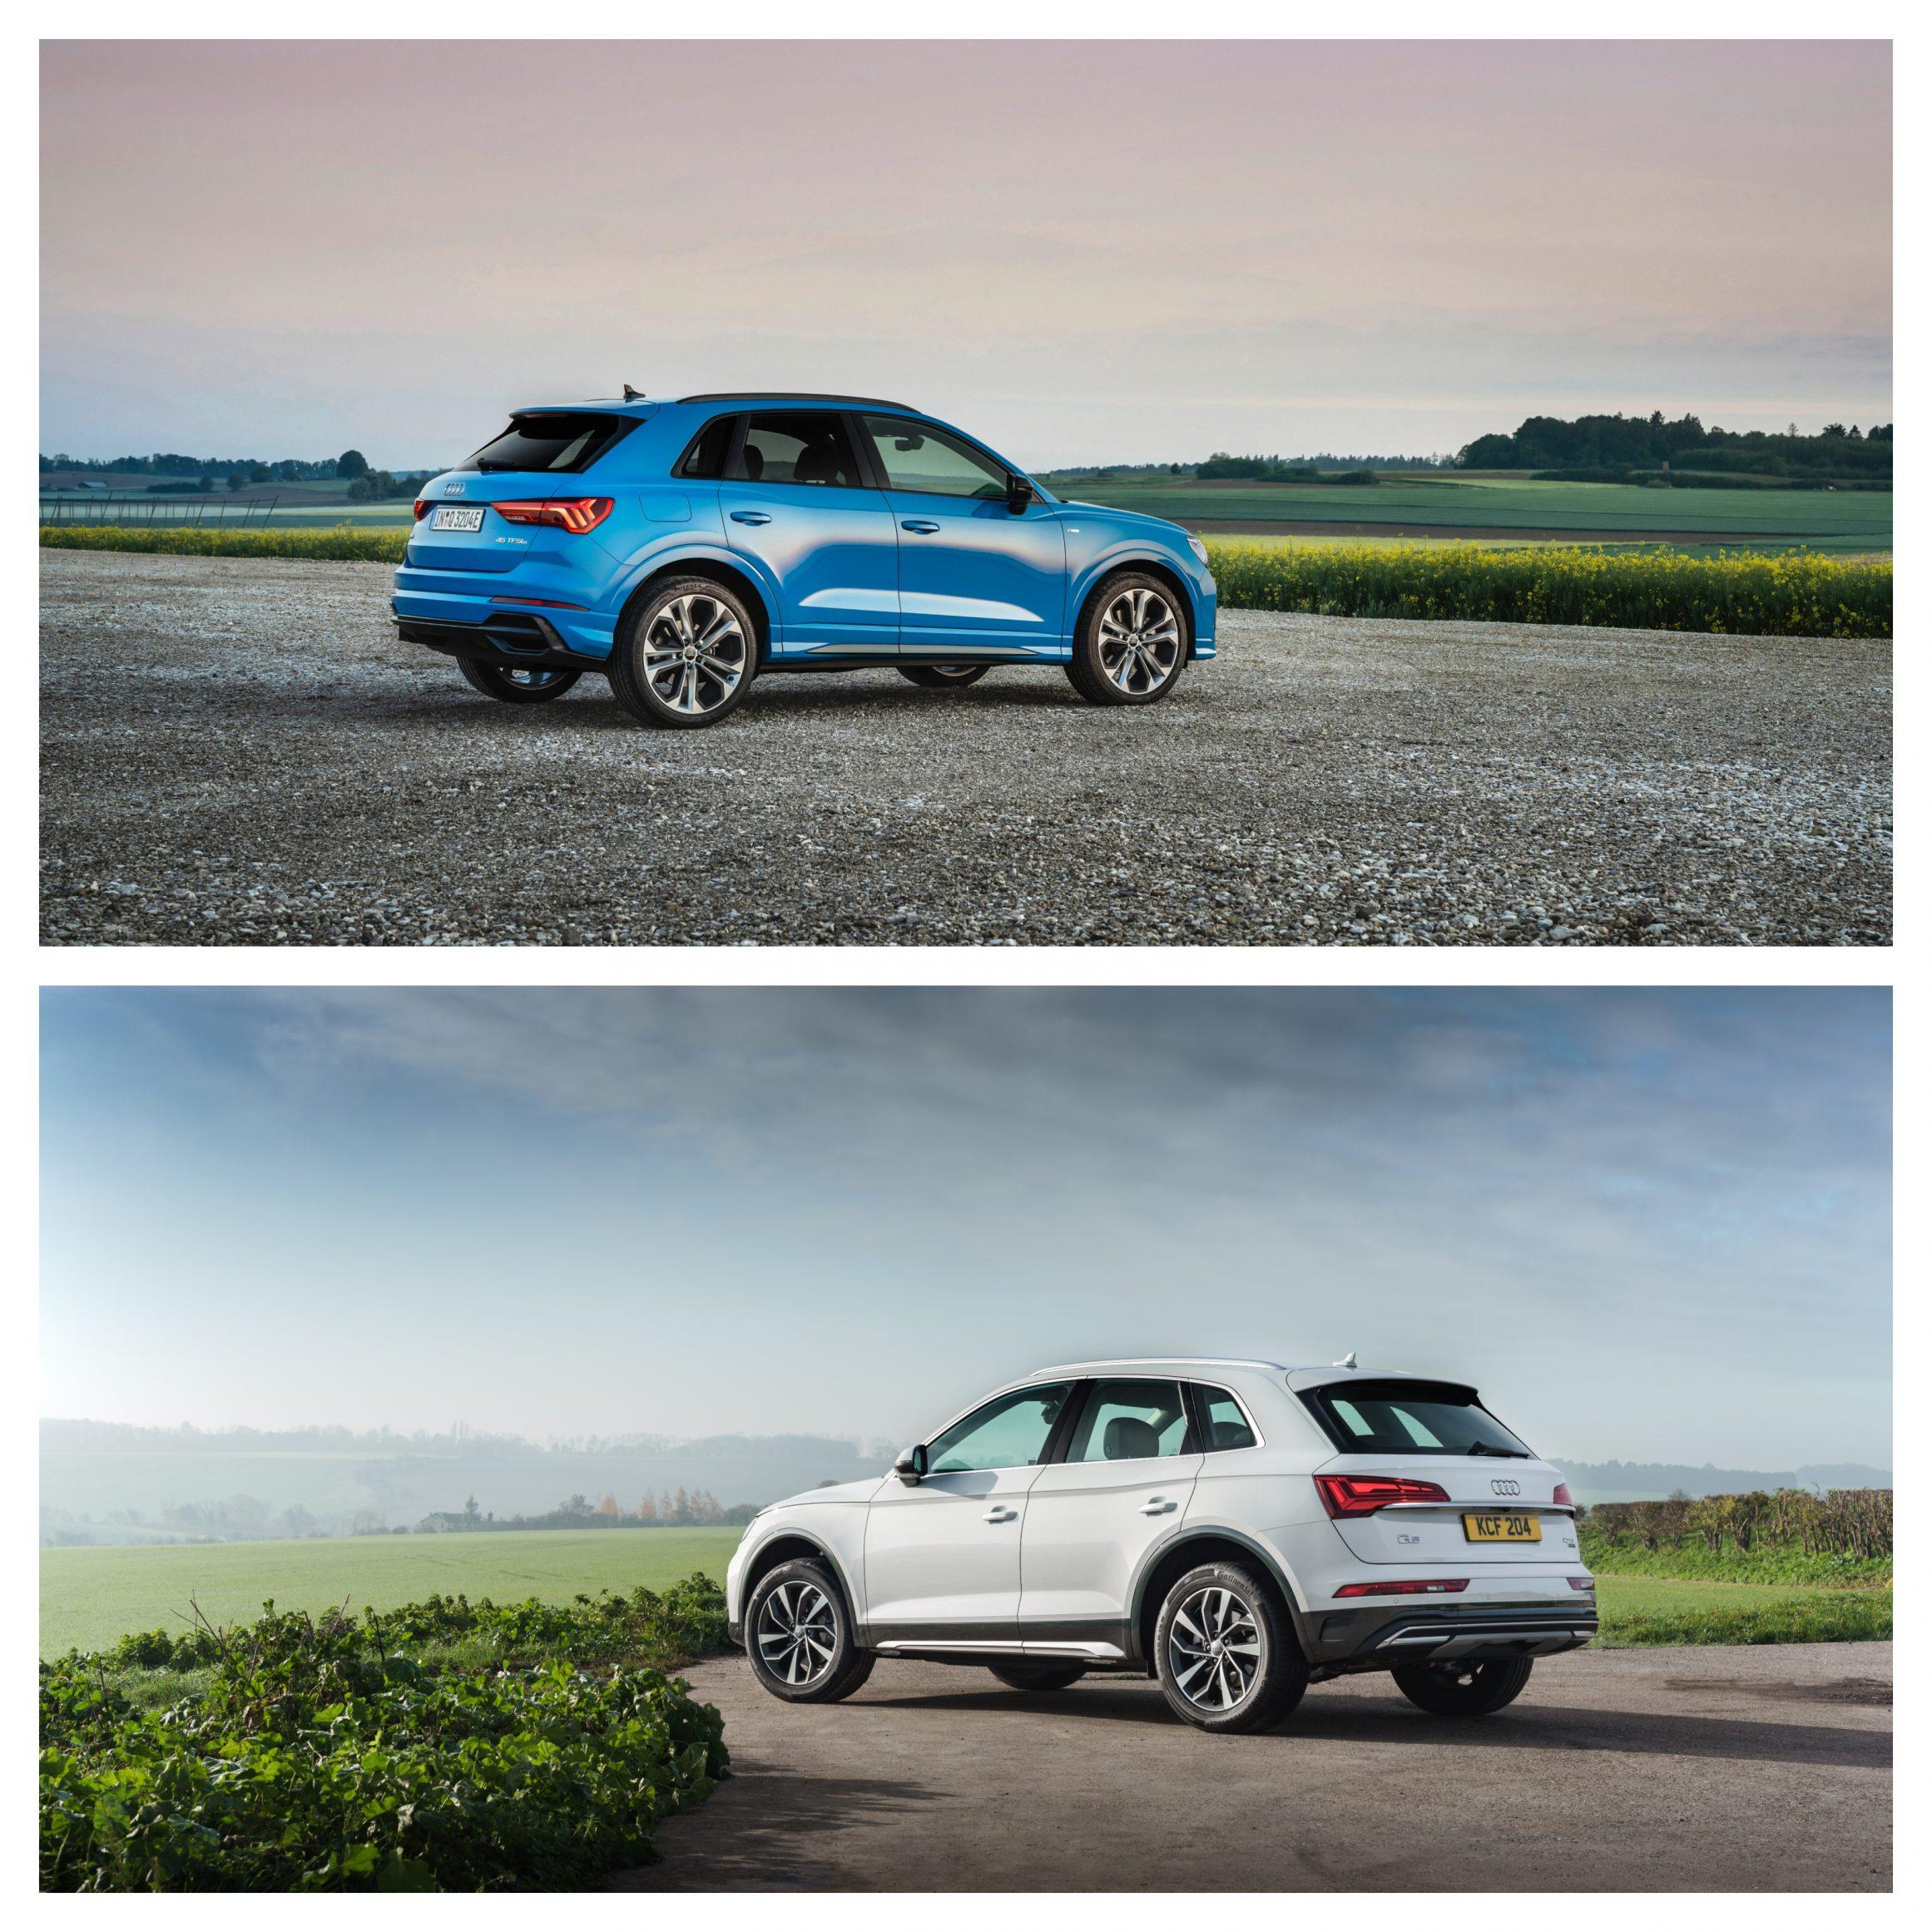 Audii Q3 Vs Q5 - exterior design rear angle shot